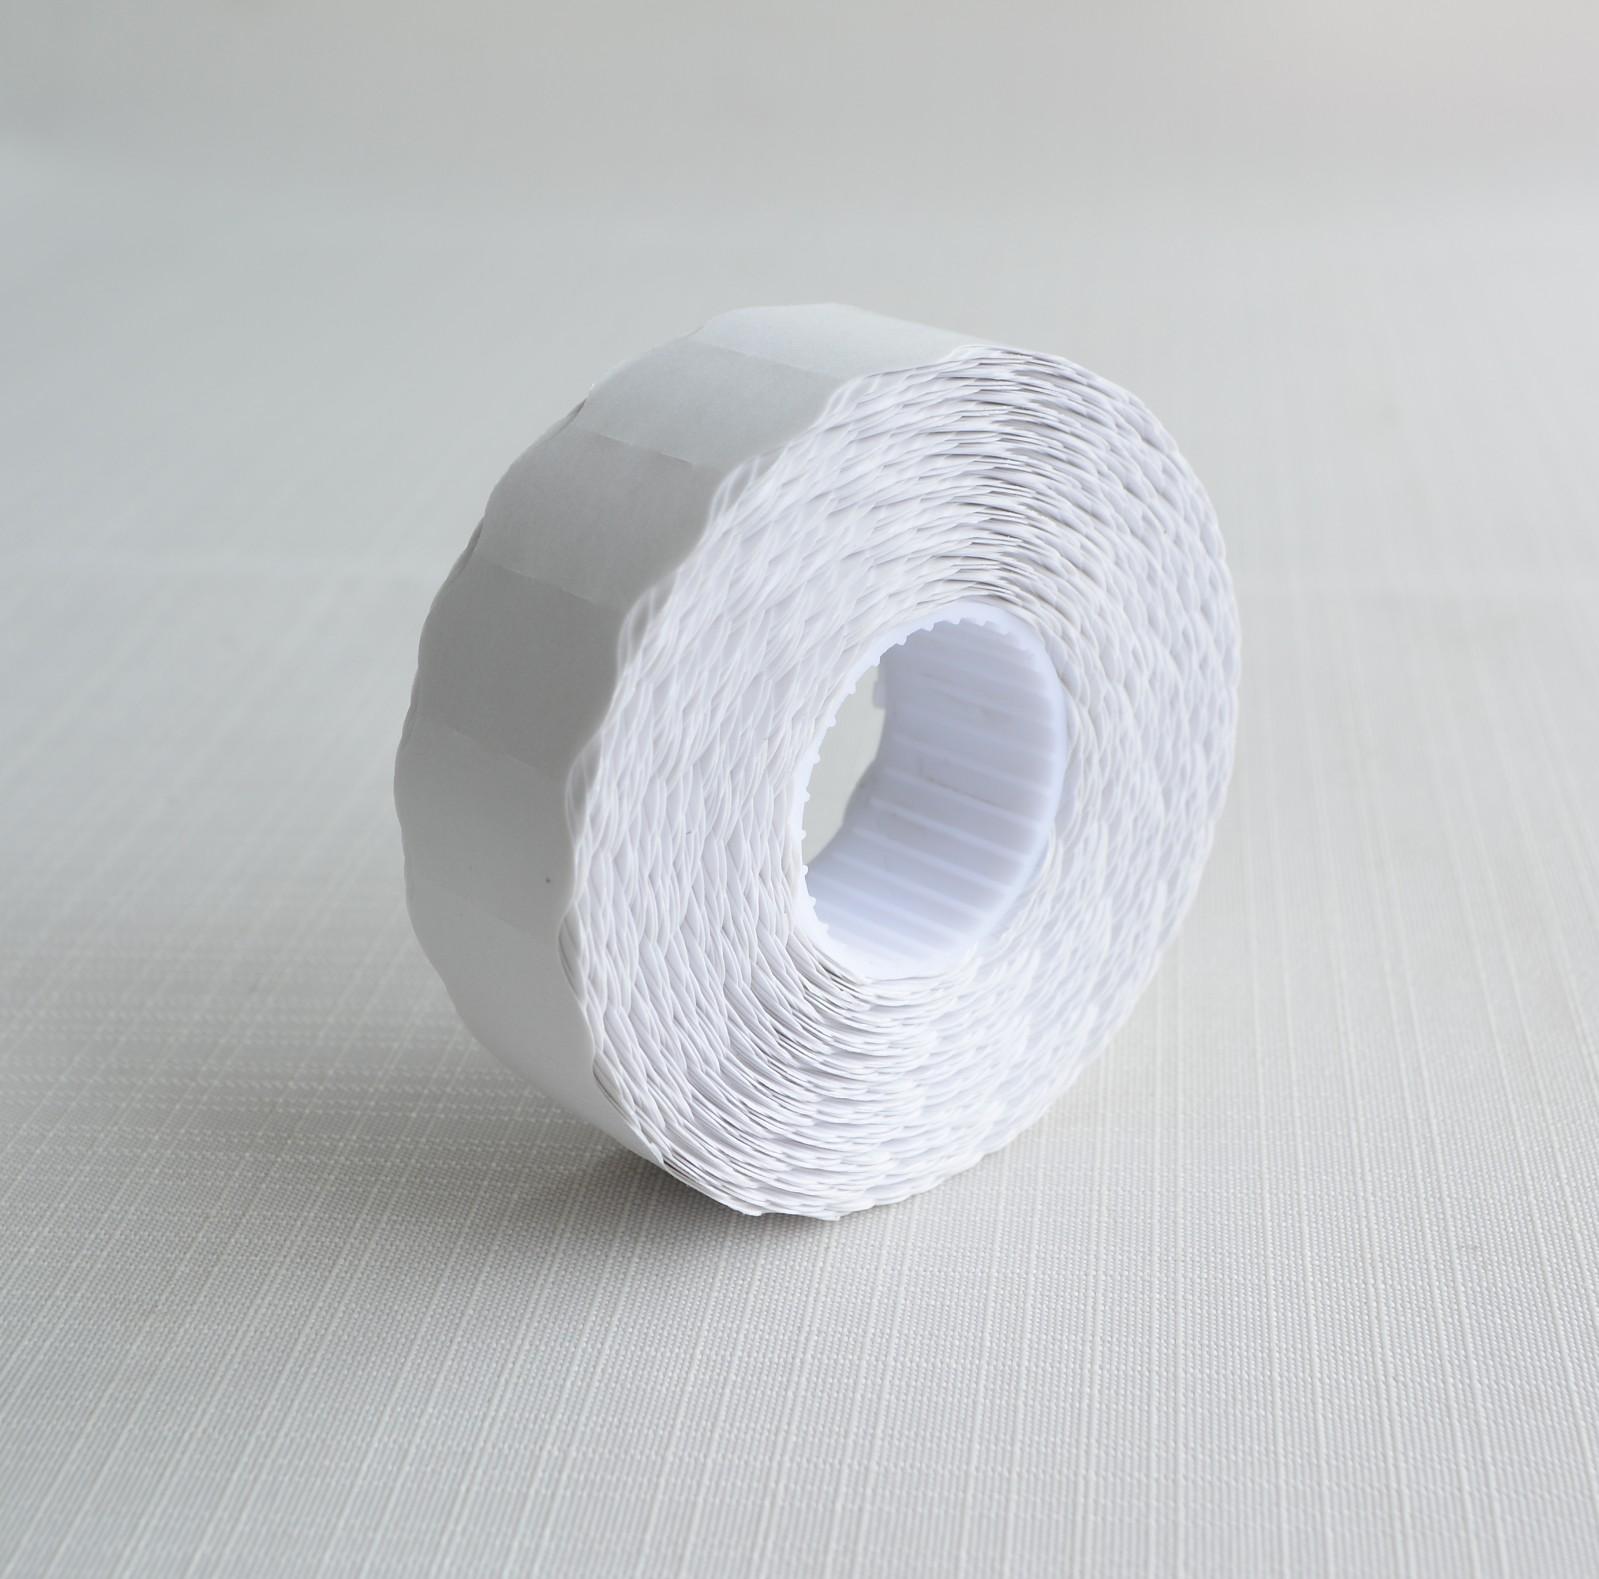 条码碳带哪家专业_热转印色带、碳带生产厂家-深圳市荣诚兴包装制品有限公司